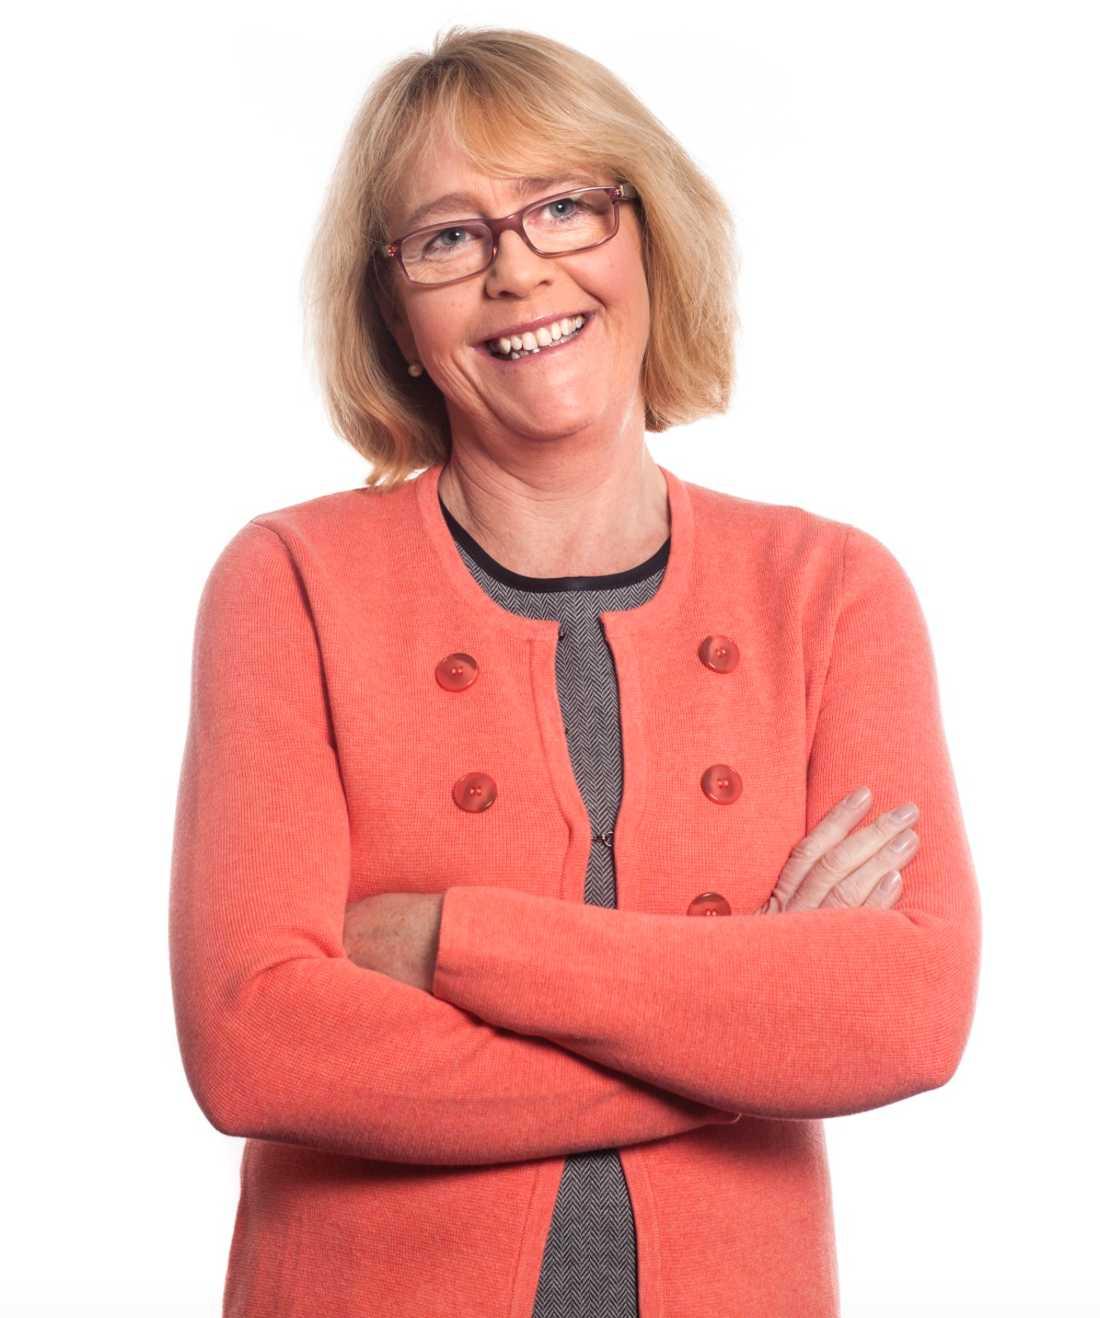 Irene Svenonius (M) är finanslandstingsråd och ansvarig för personalfrågorna i landstinget i Stockholm.